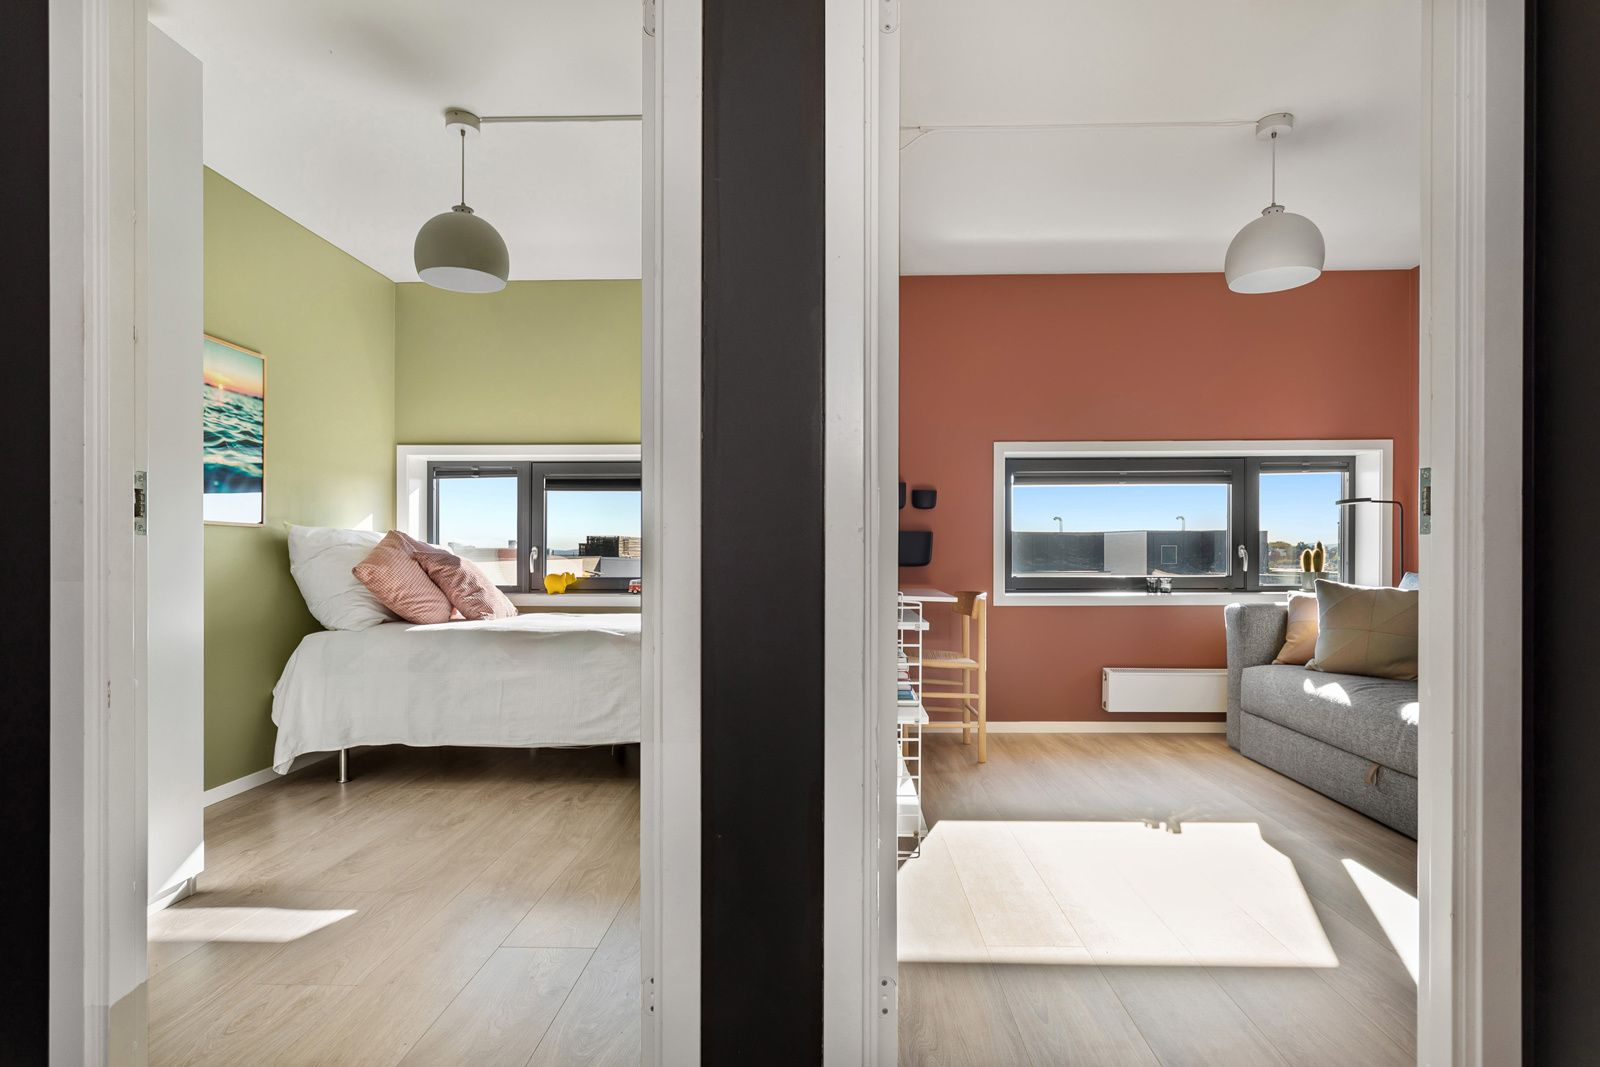 Sandakerveien 22 H Det tredje soverommet er også et lyst og fint rom som passer perfekt som barnerom, gjesterom eller kontor.